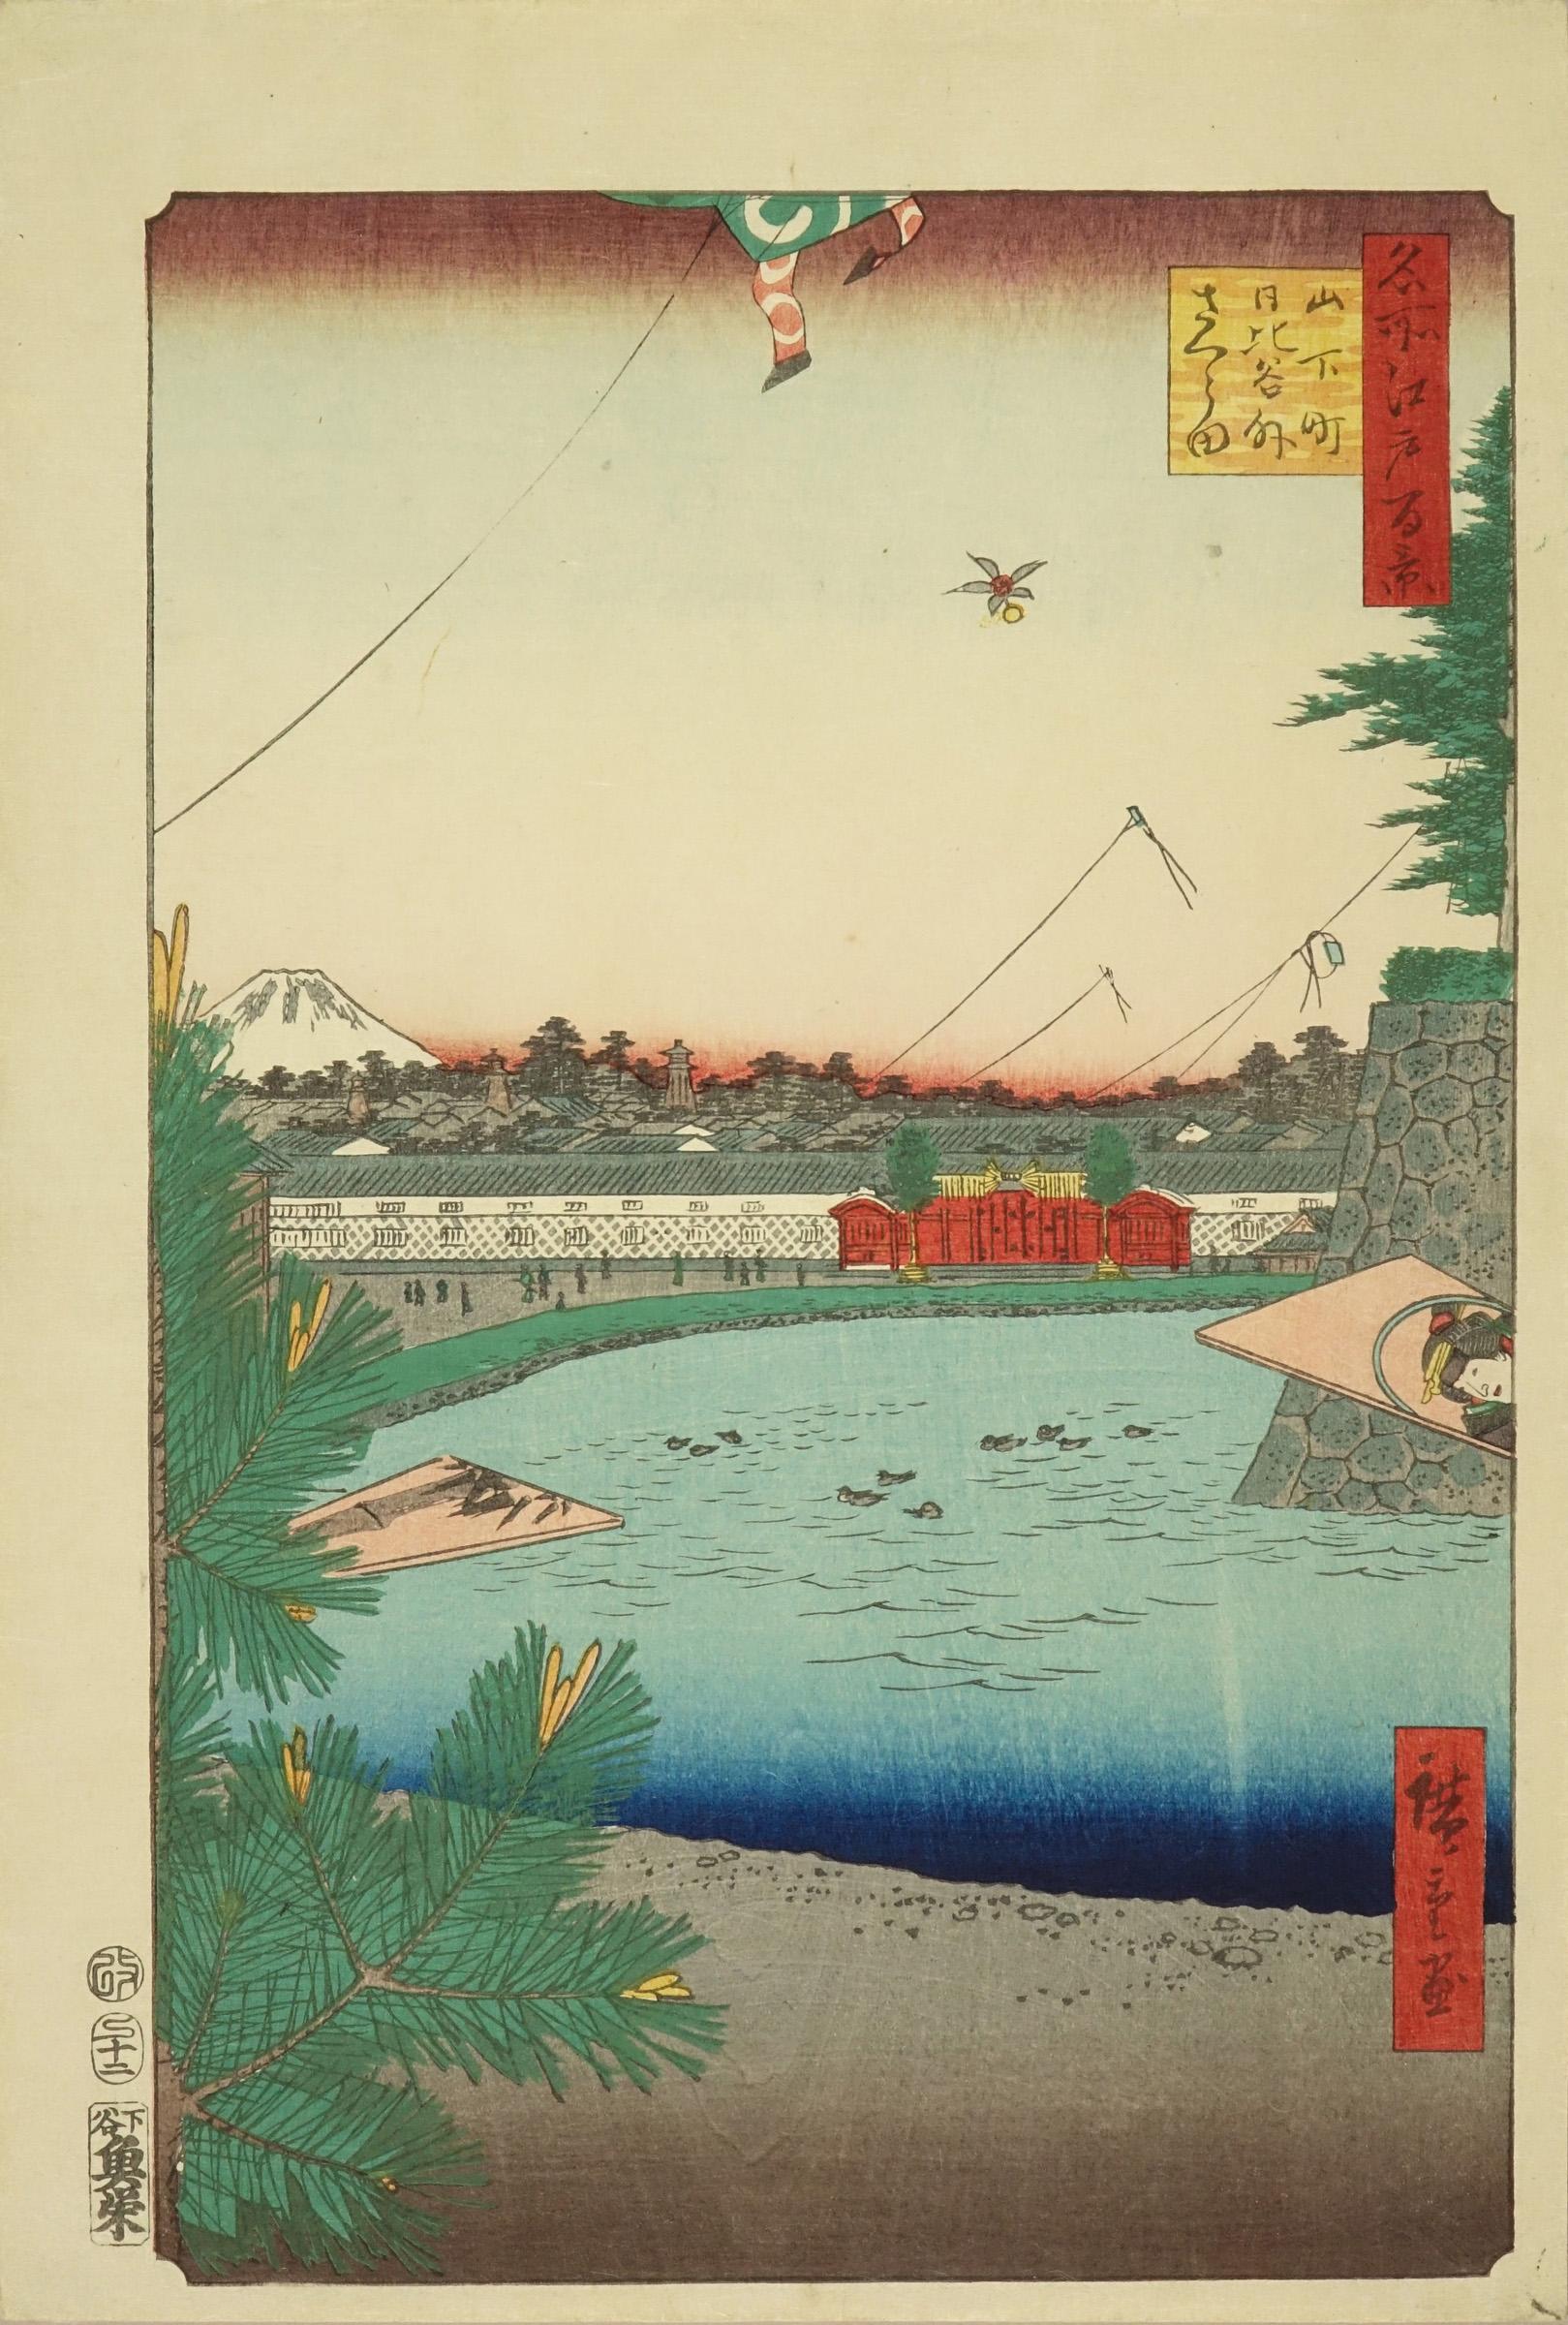 HIROSHIGE Yamashitacho, Hibiya, outside Sakurada Gate, from <i>Meisho Edo hyakkei</i> (One hundred views of famous places of Edo)